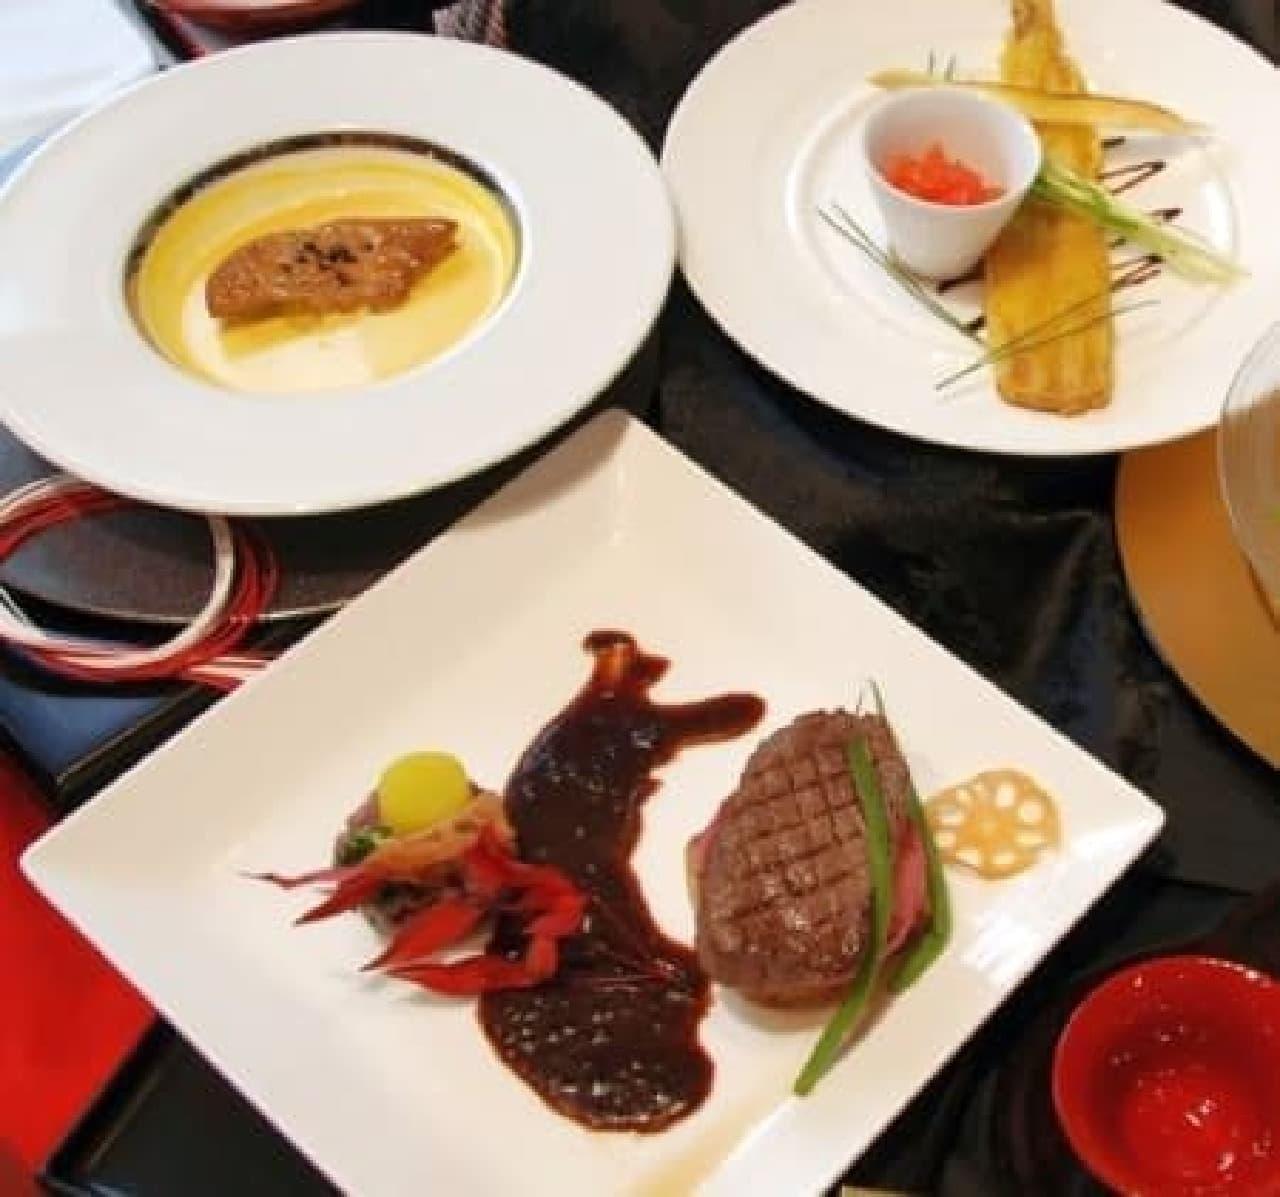 三木城の兵糧攻めをイメージして盛り付けられたメイン料理